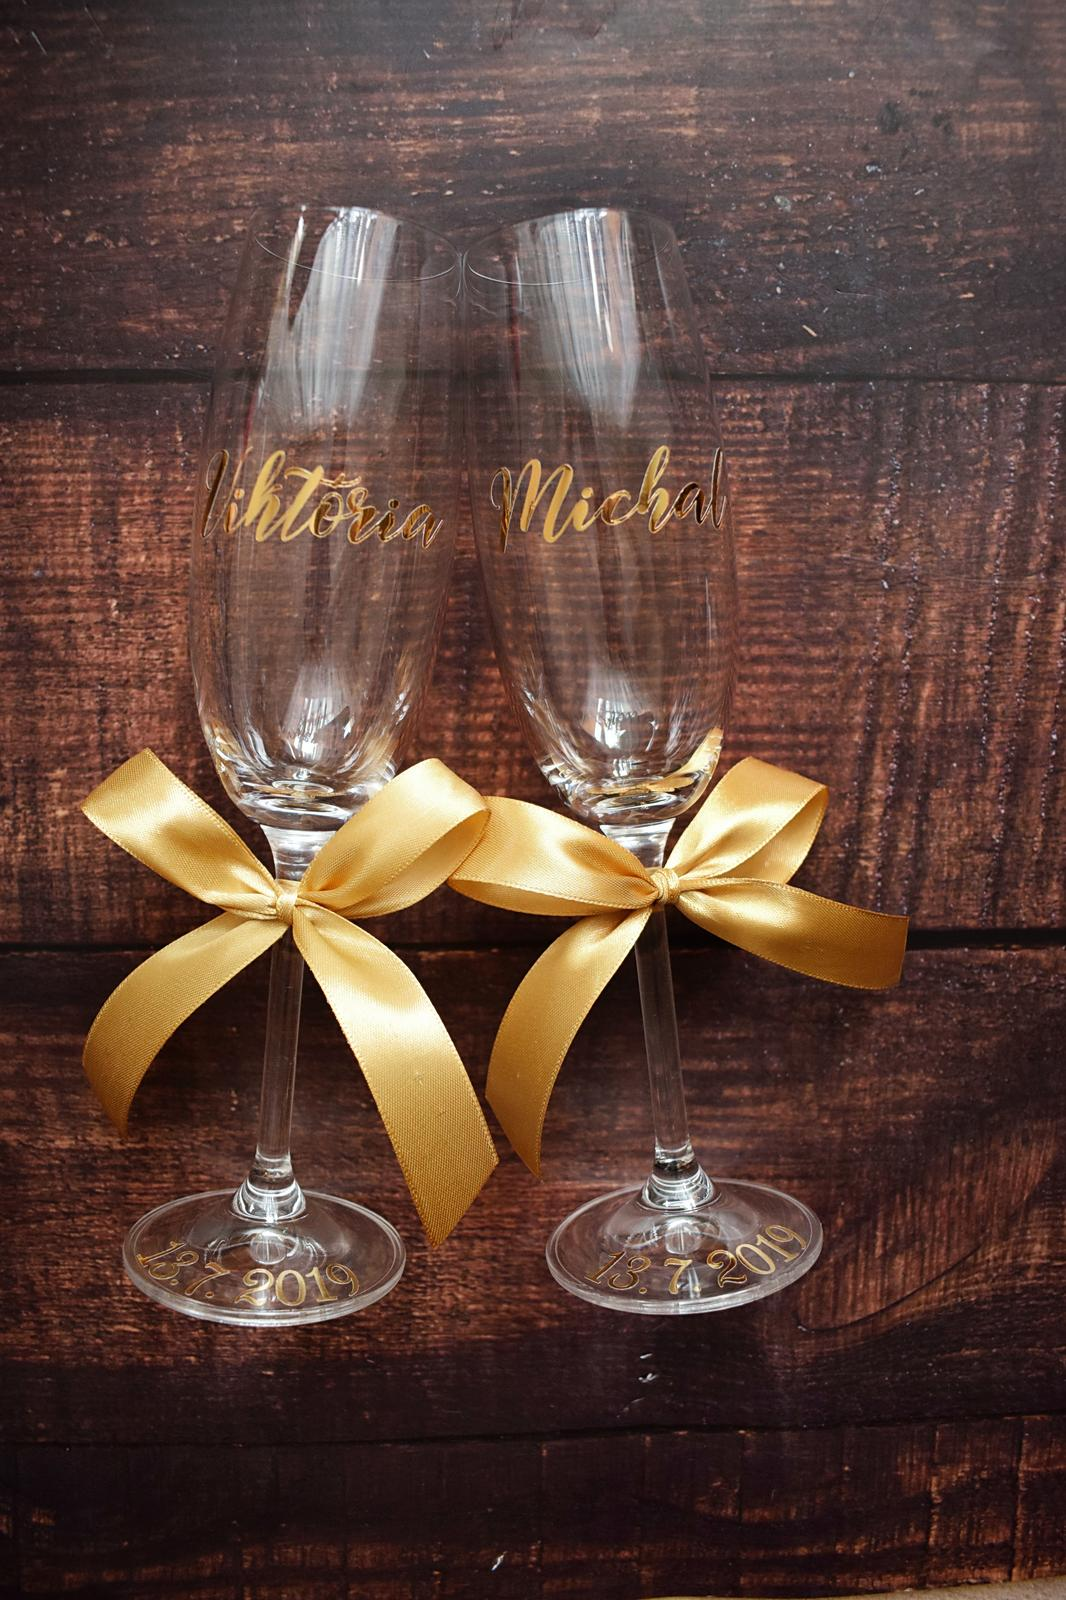 Svadobné poháre - Muž a žena vytvárajú spolu naozaj skutočného človeka.  L. Feuerbach